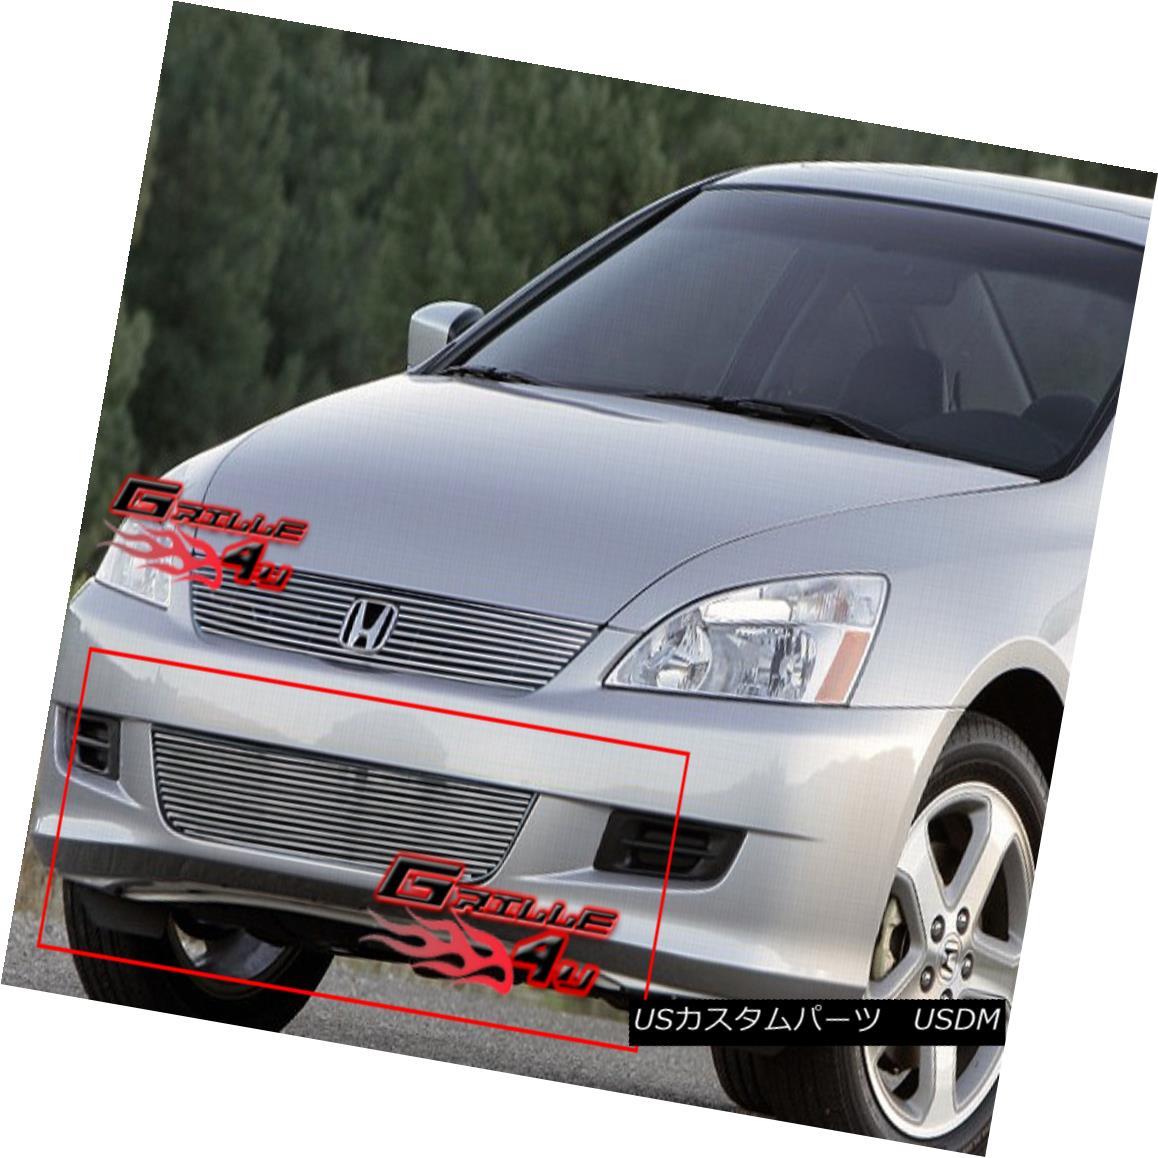 グリル Fits 2006-2007 Honda Accord Coupe Bumper Billet Grille Insert フィット2006-2007ホンダアコードクーペバンパービレットグリルインサート